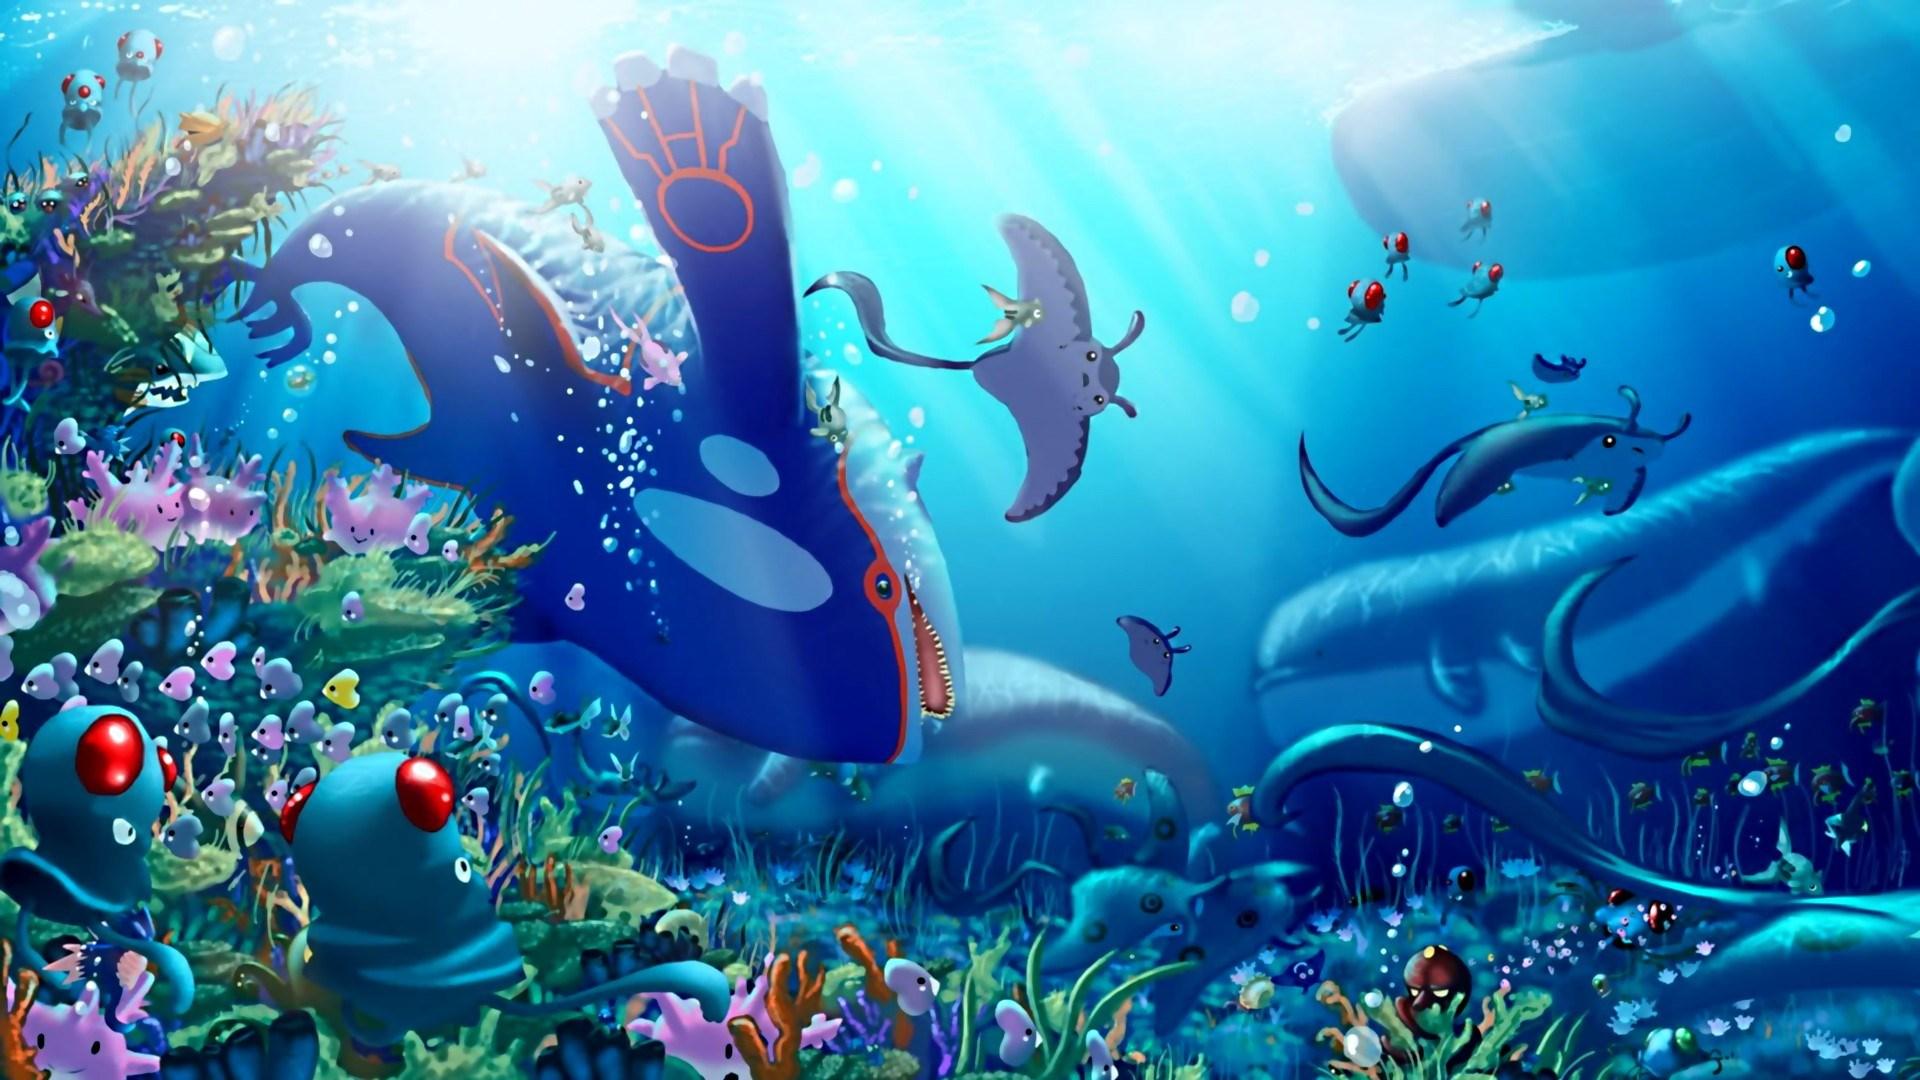 аквариум живые обои на рабочий стол hd